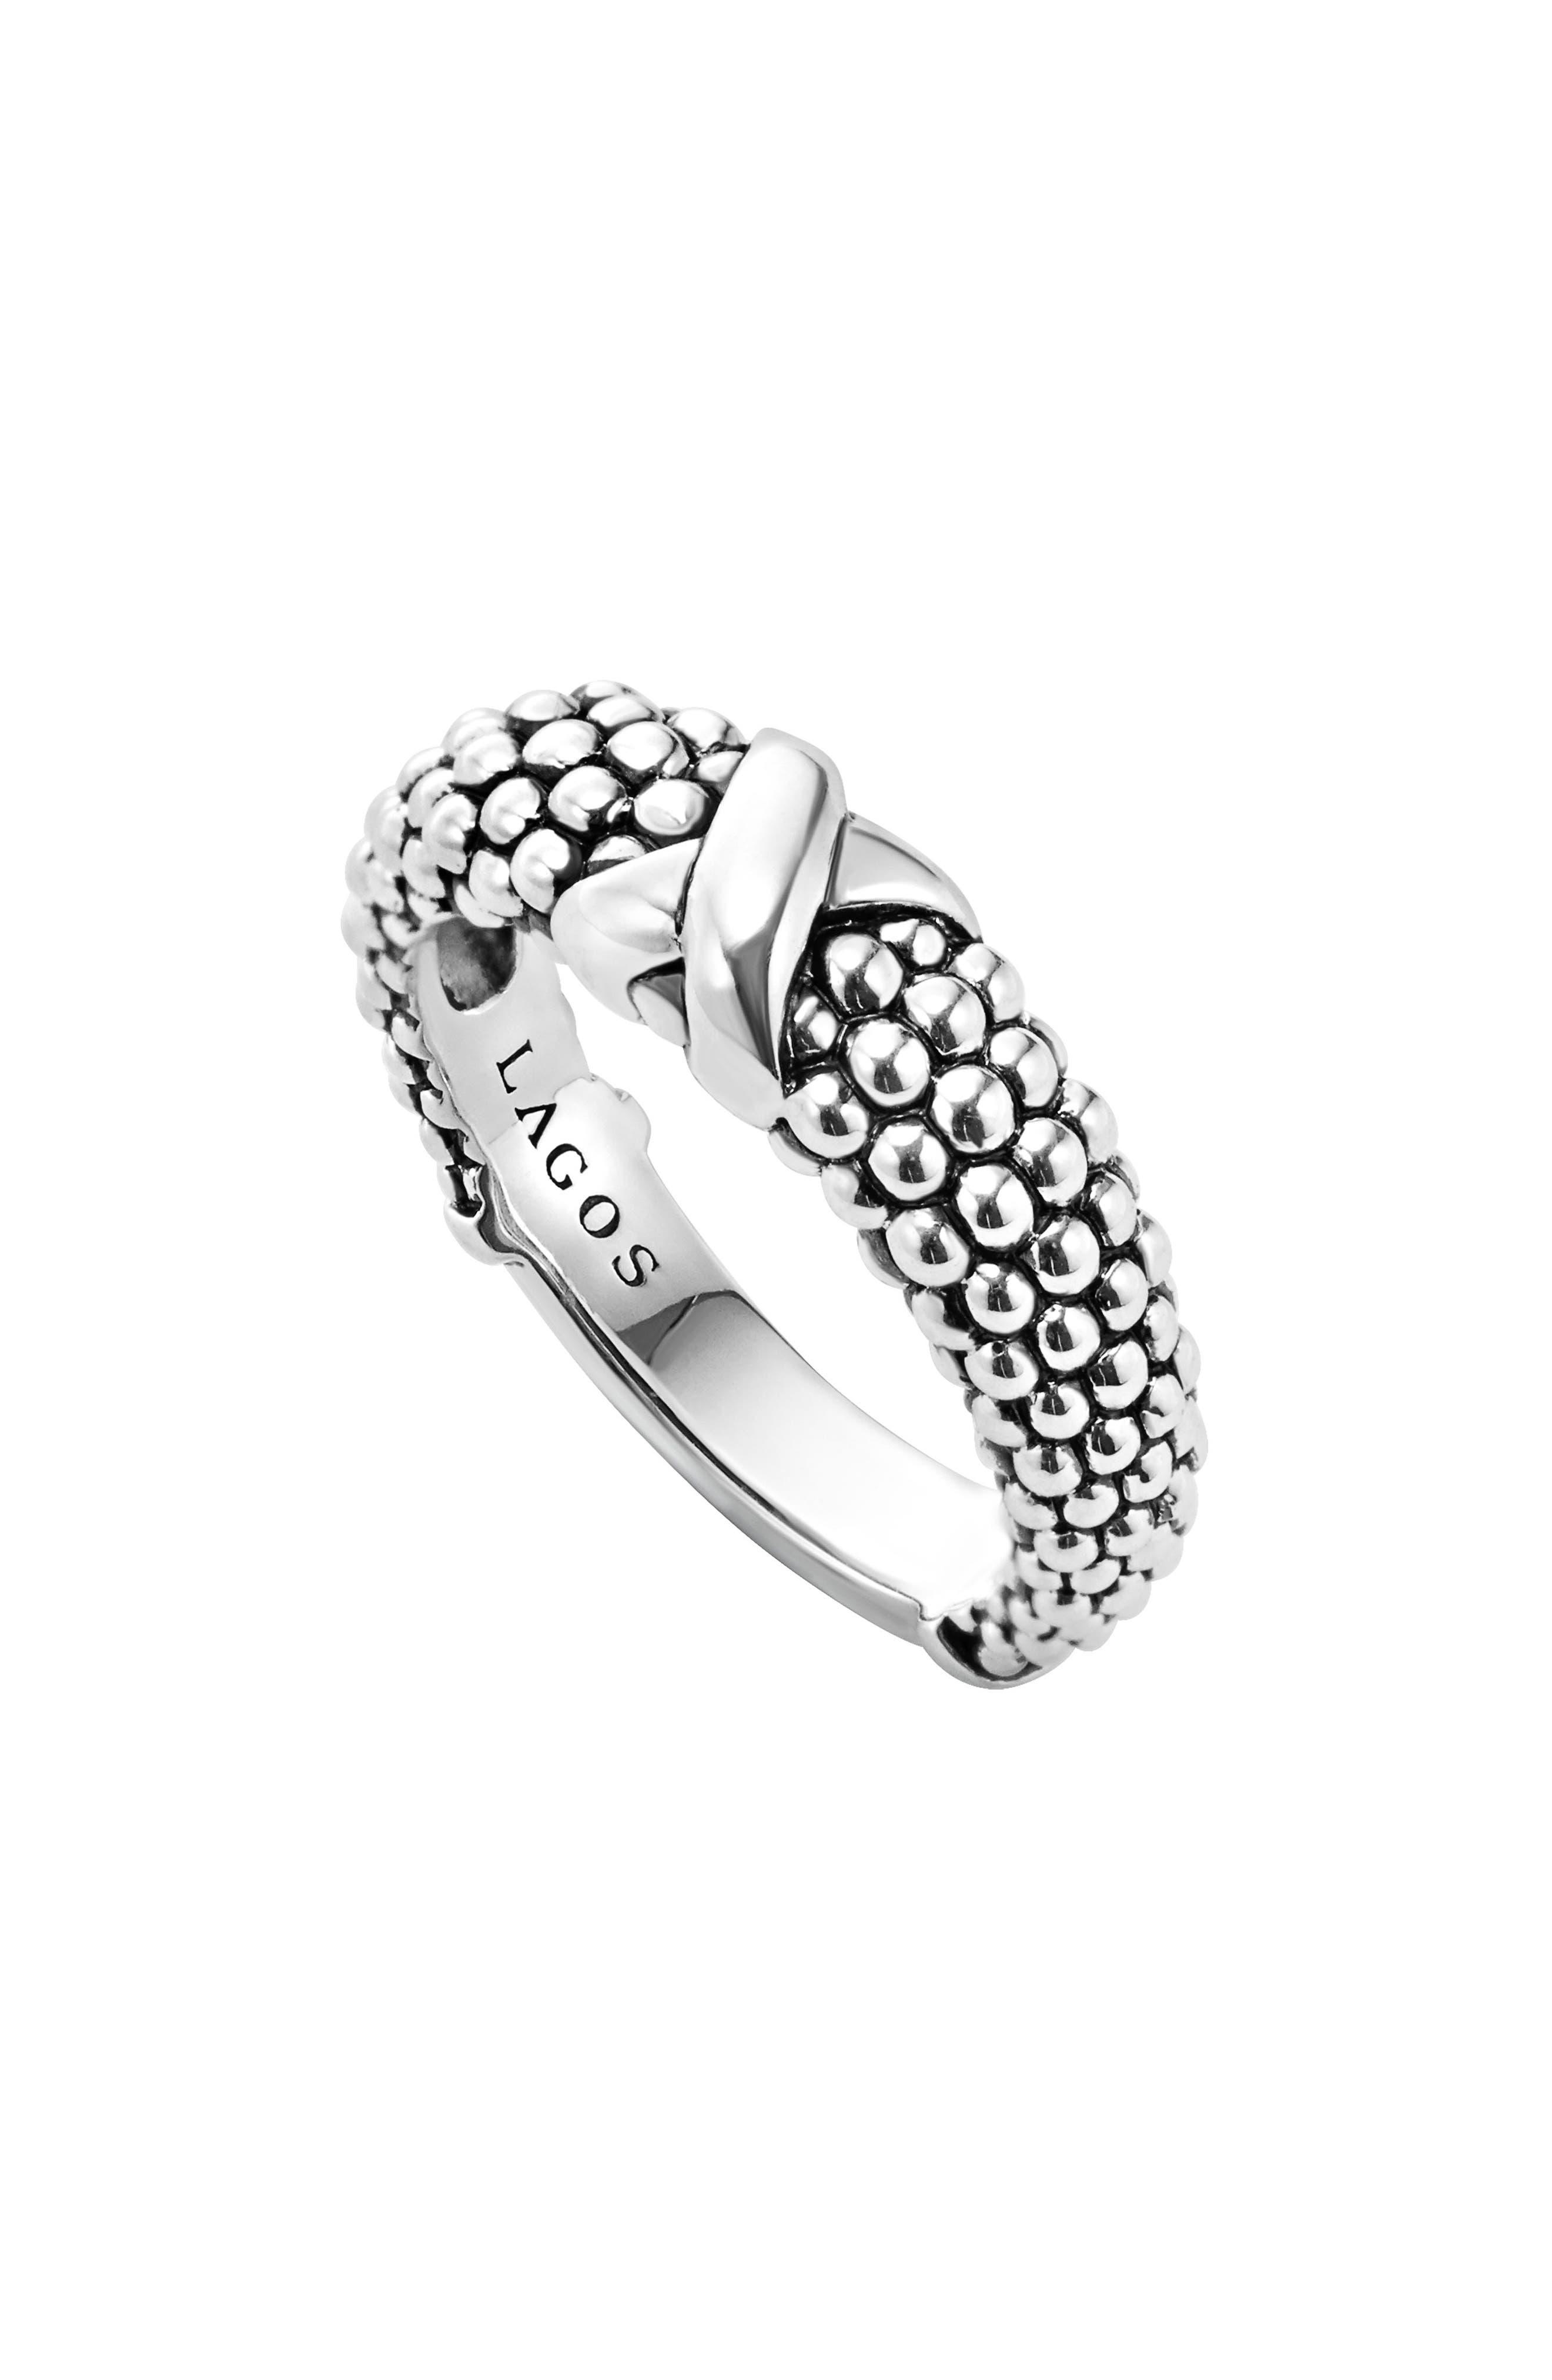 LAGOS Signature Caviar Ring